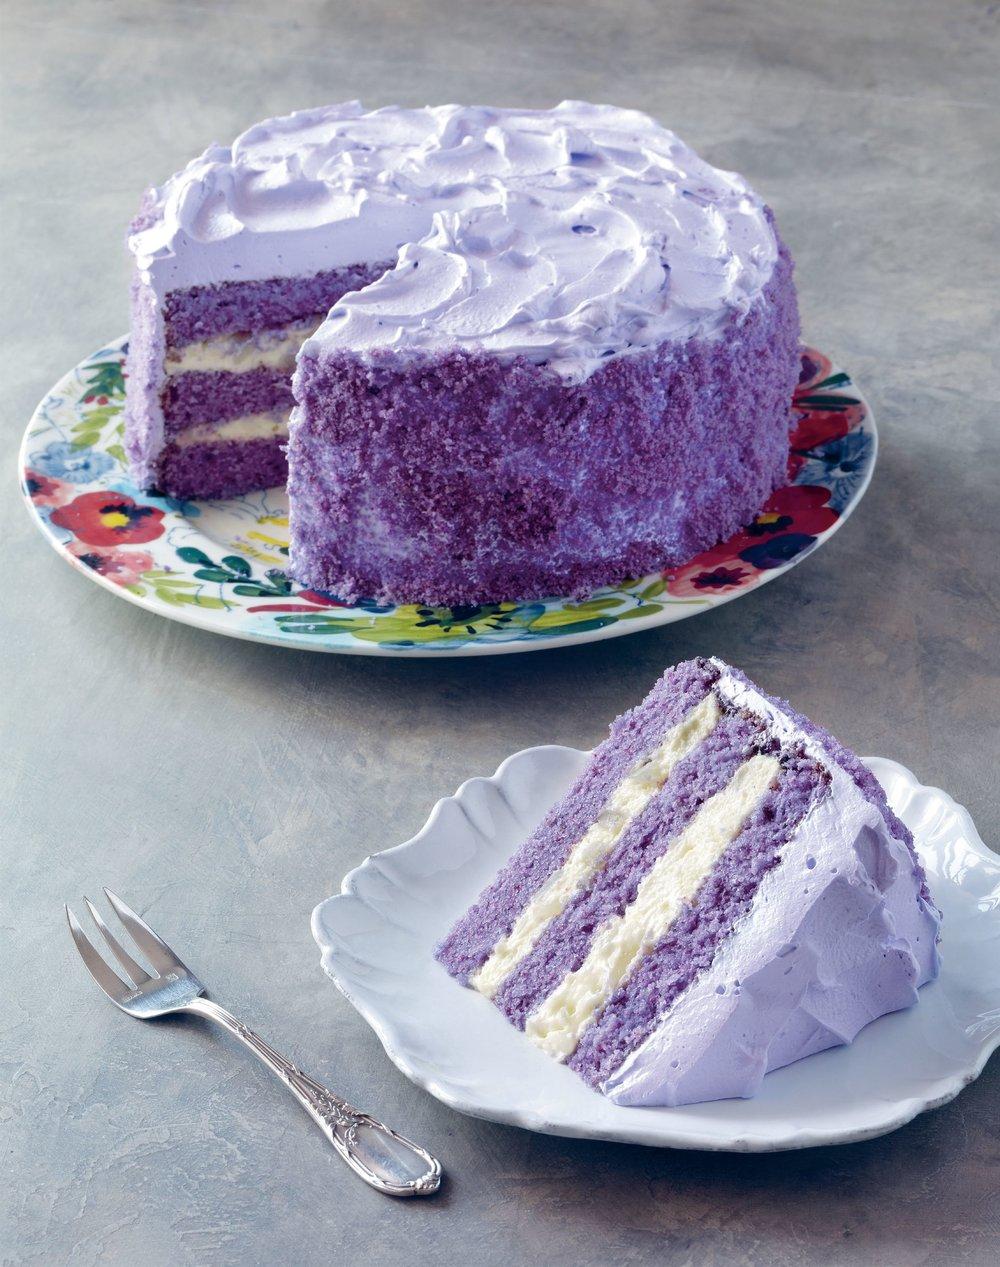 524eead0904ce_7000i_ube_makapuno_cake_1.jpg